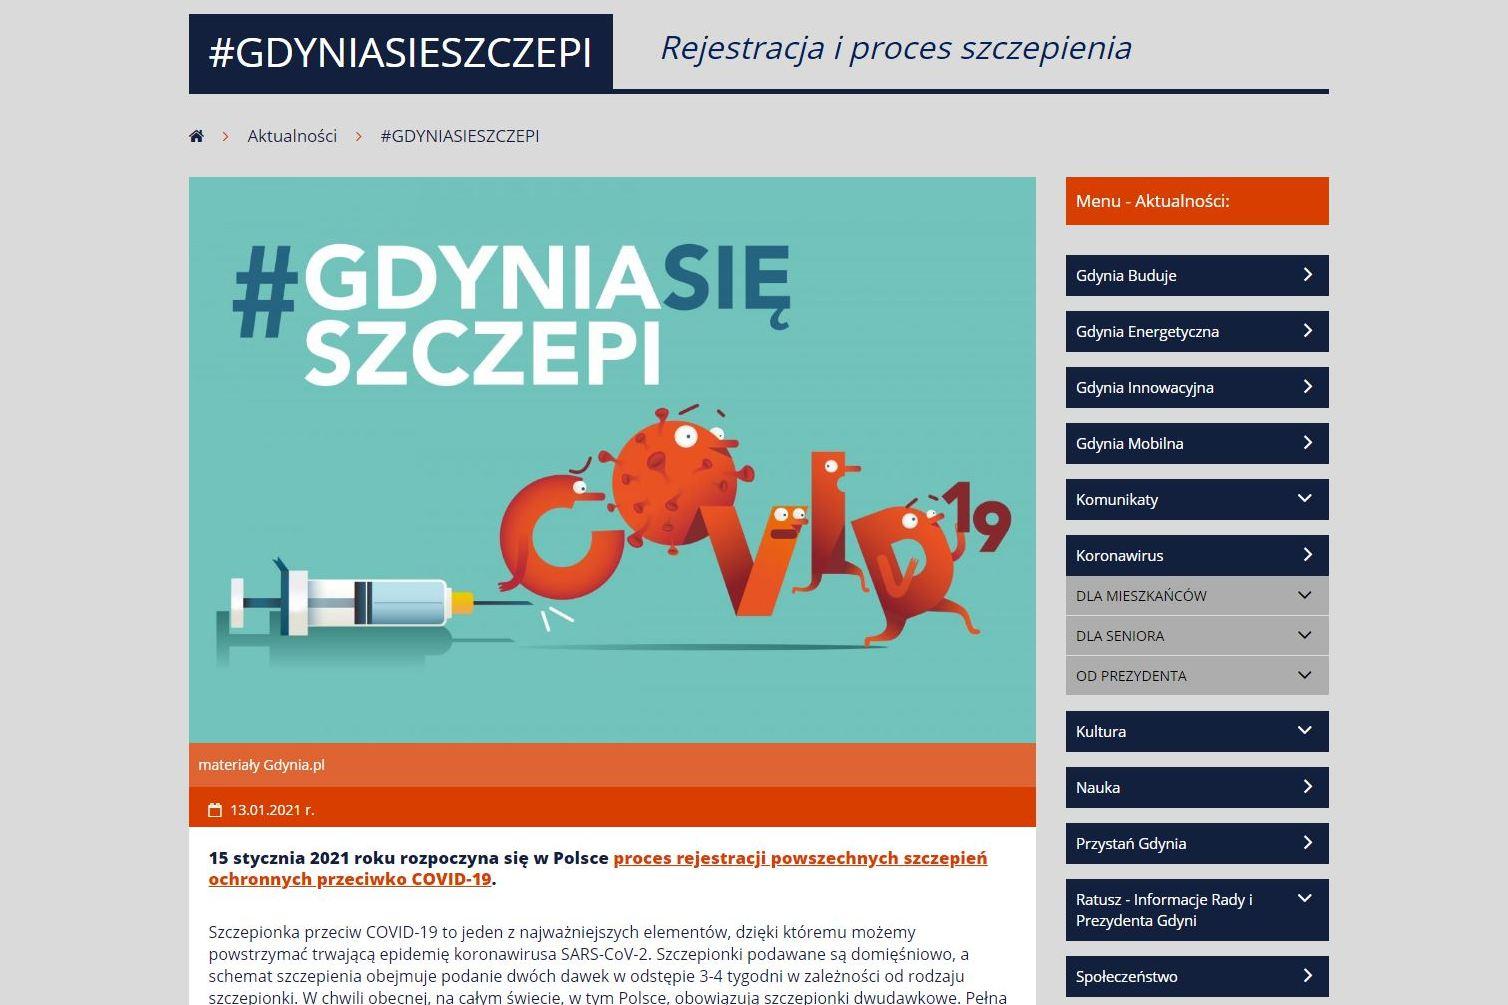 Zrzut ekranu strony GdyniaSięSzczepi